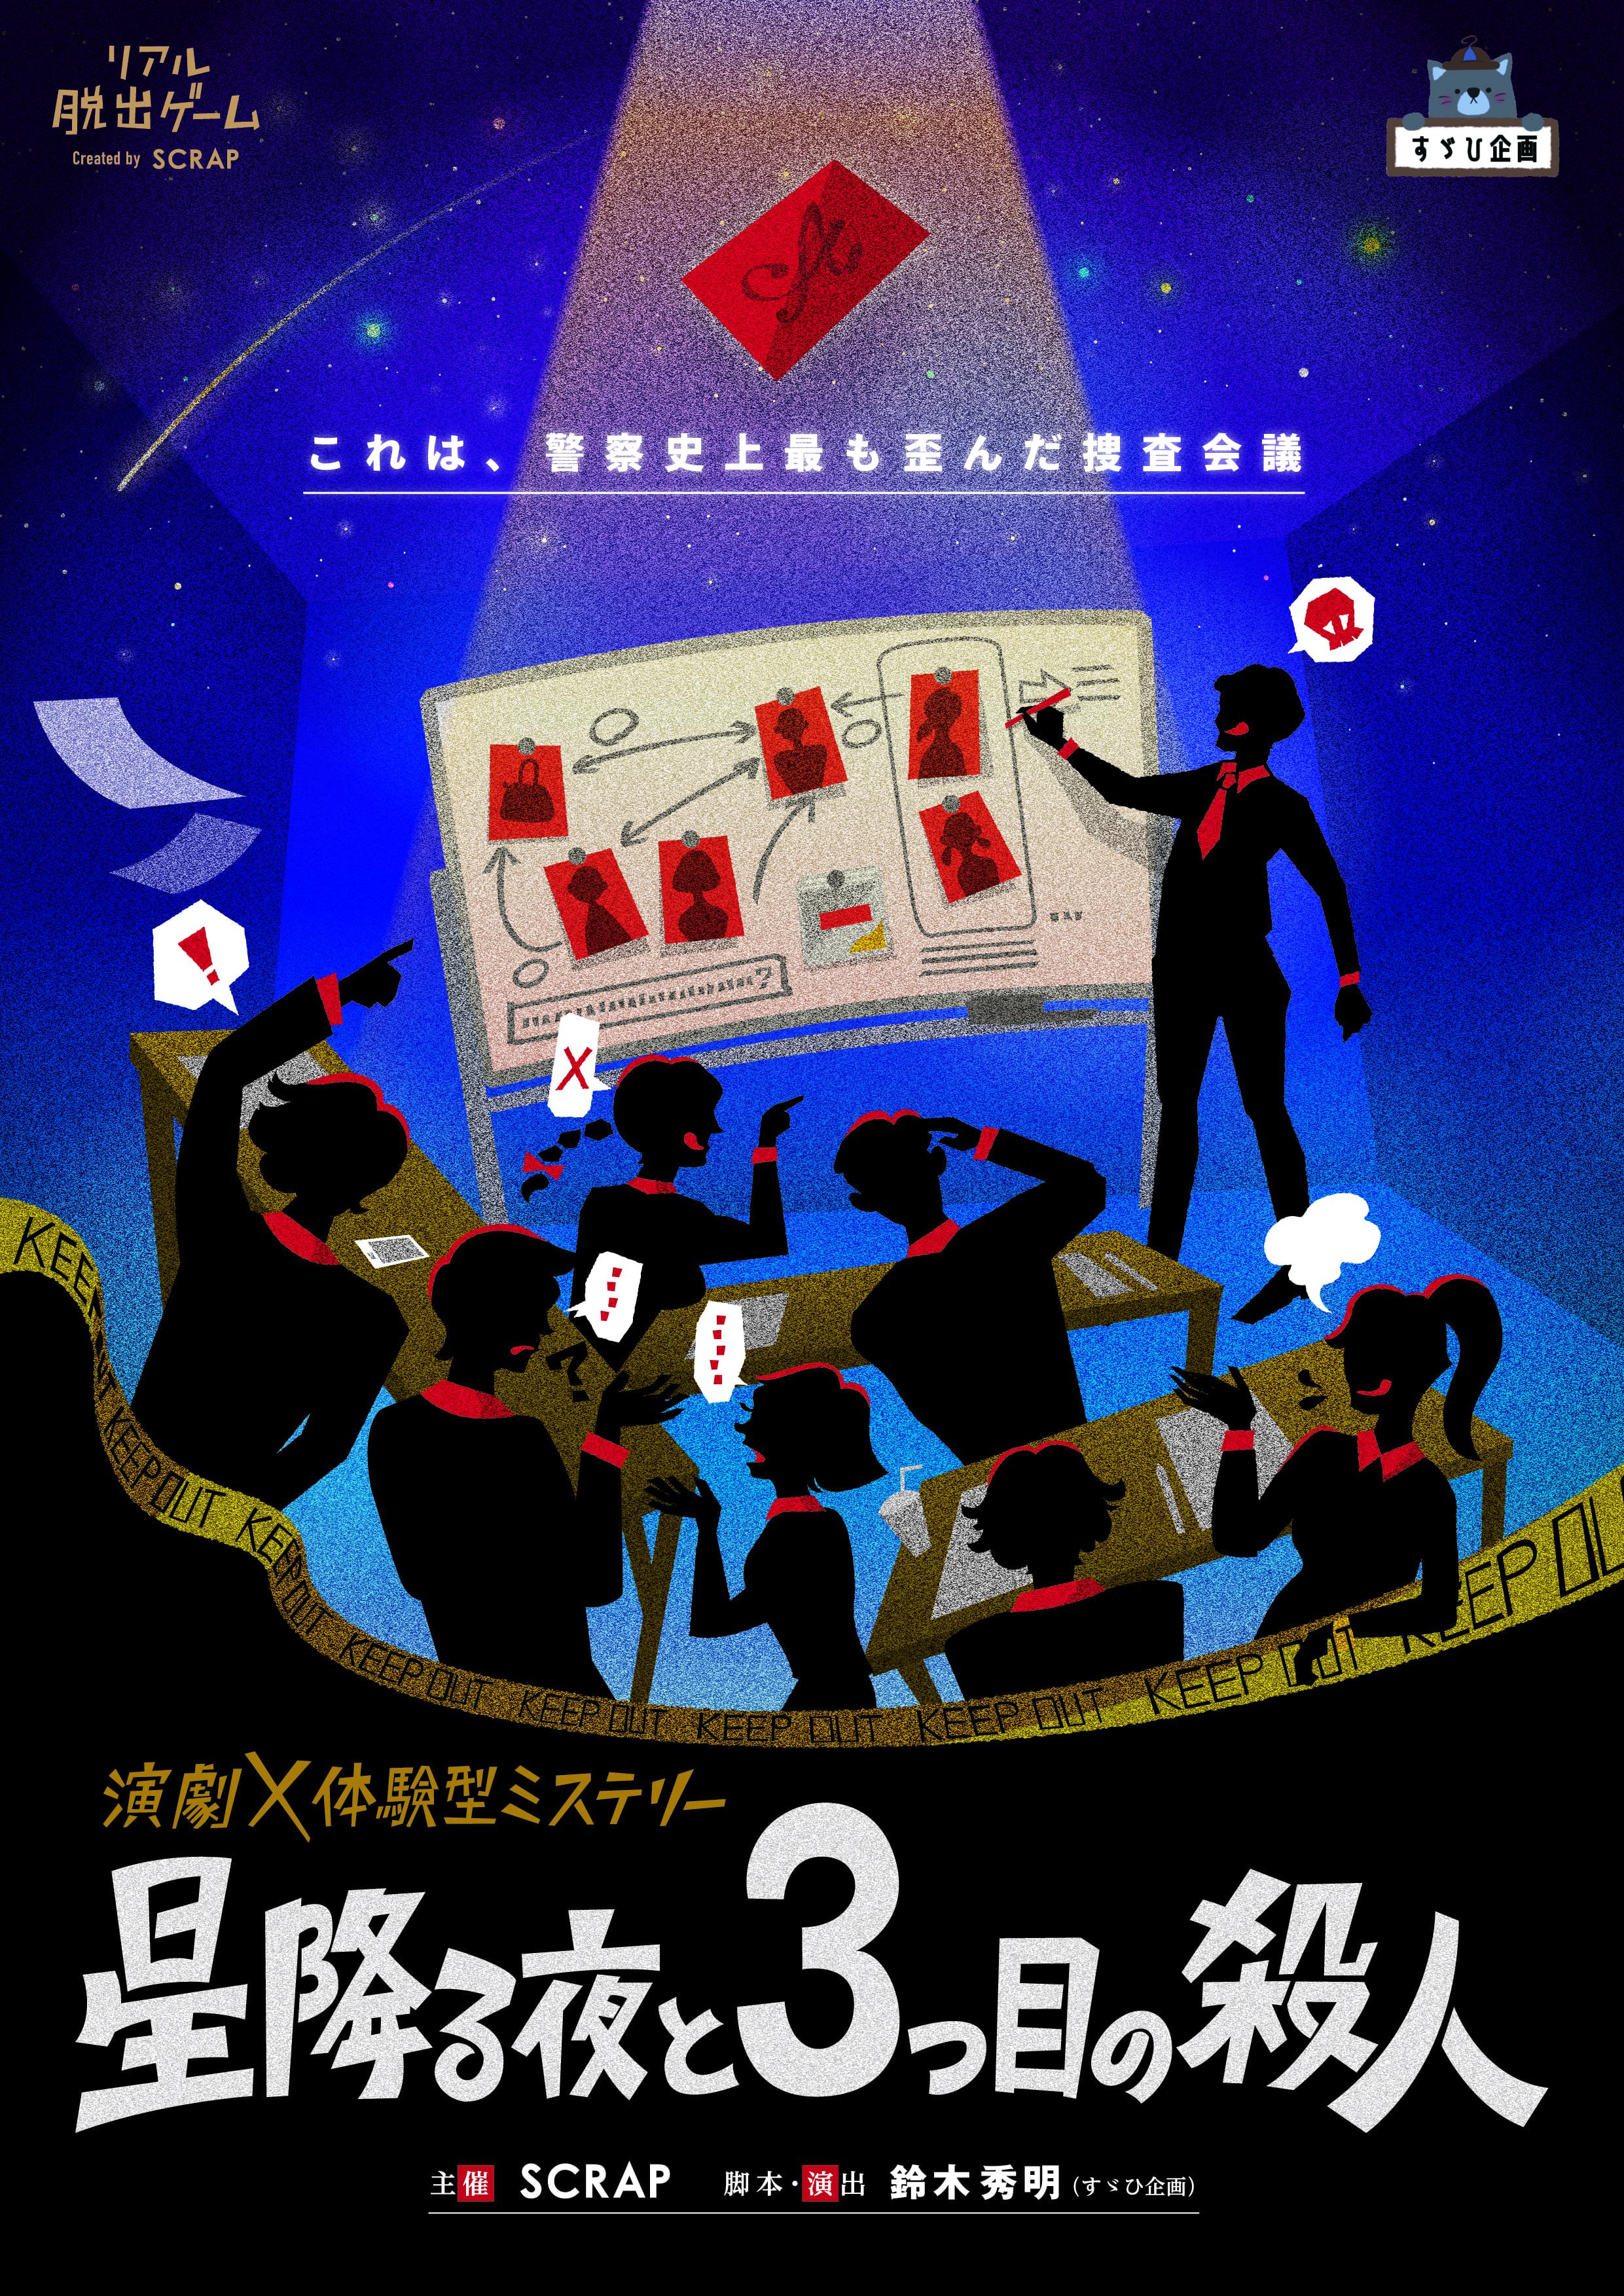 演劇×体験型ミステリー「星降る夜と3つ目の殺人」